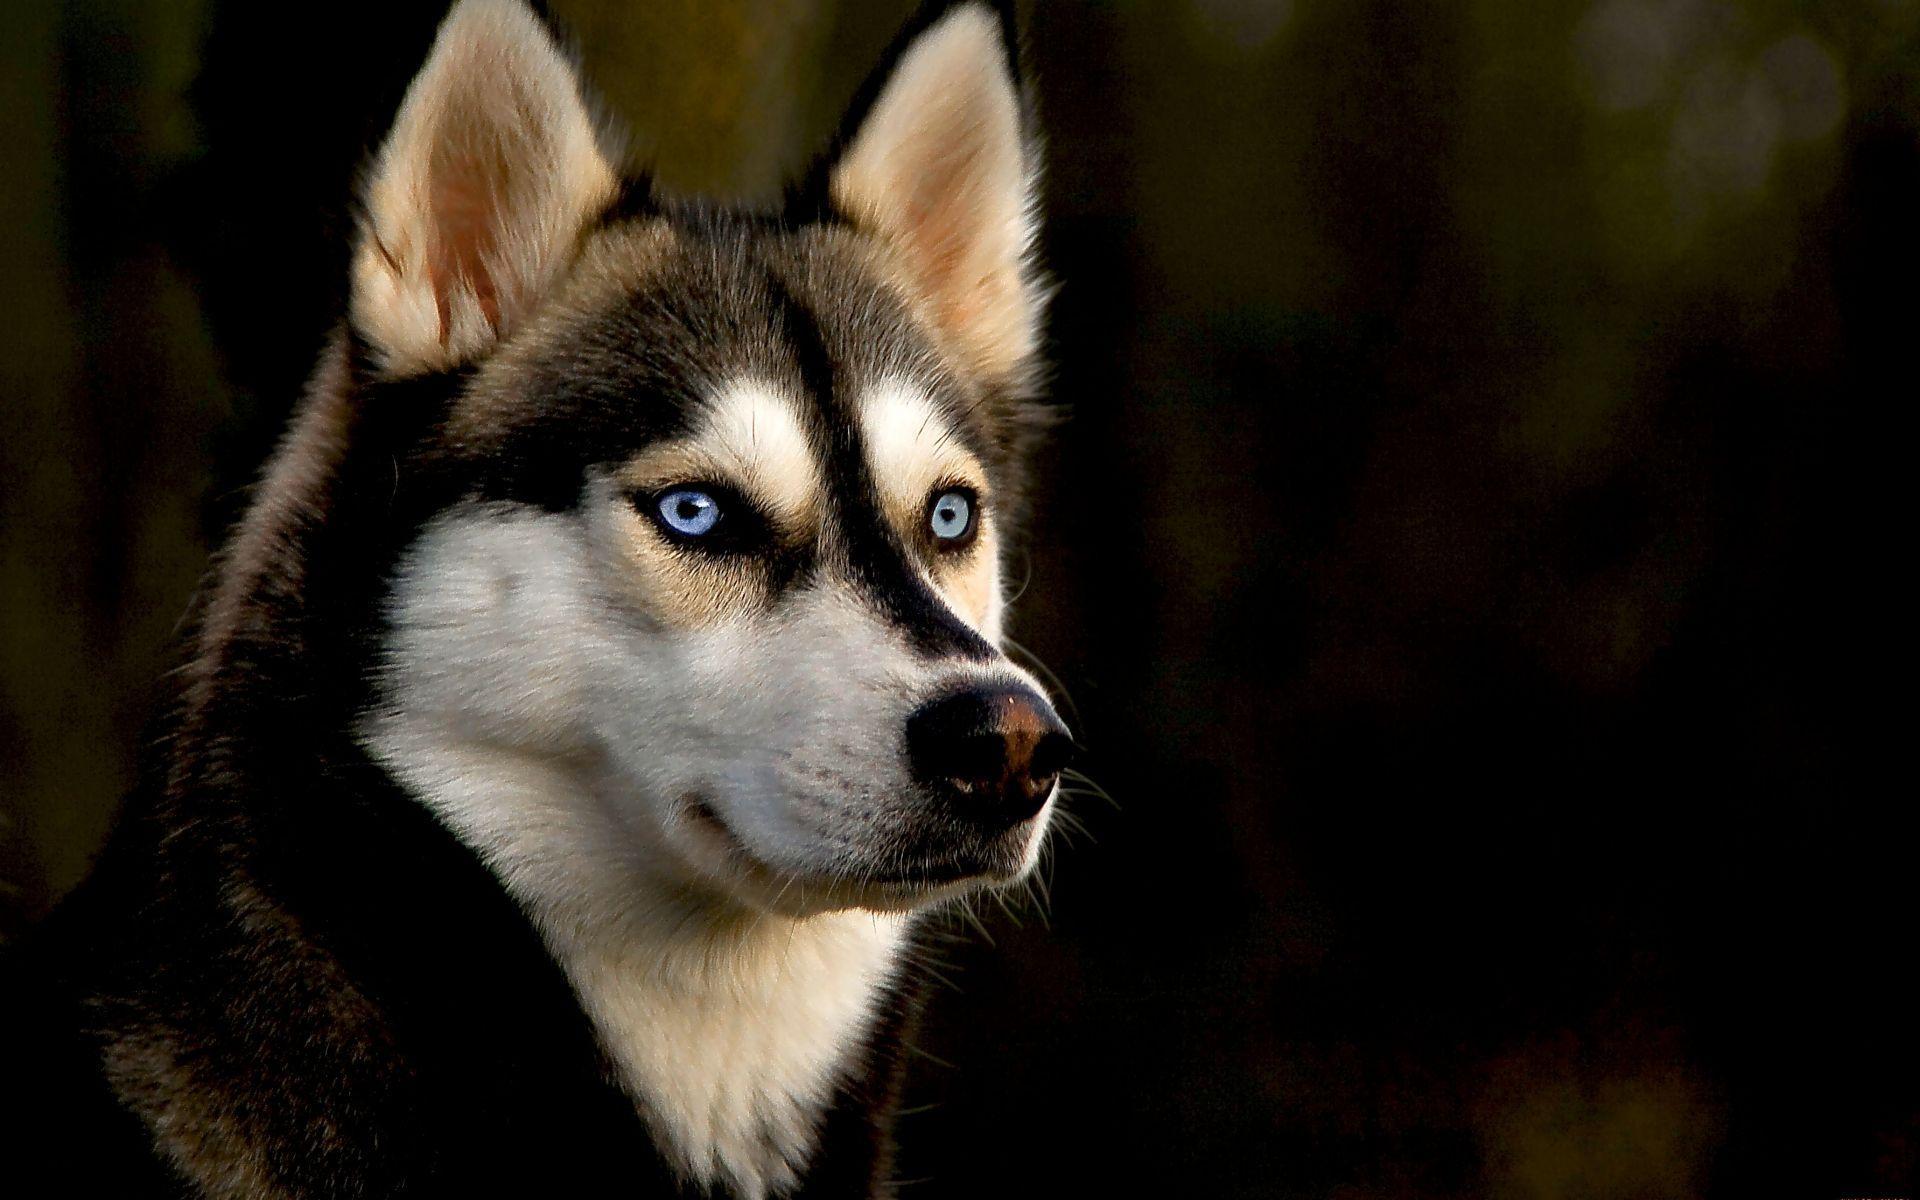 Hình nền chó 1920x1200, Hình nền chó Full HQ Định nghĩa chất lượng Lưu trữ YW